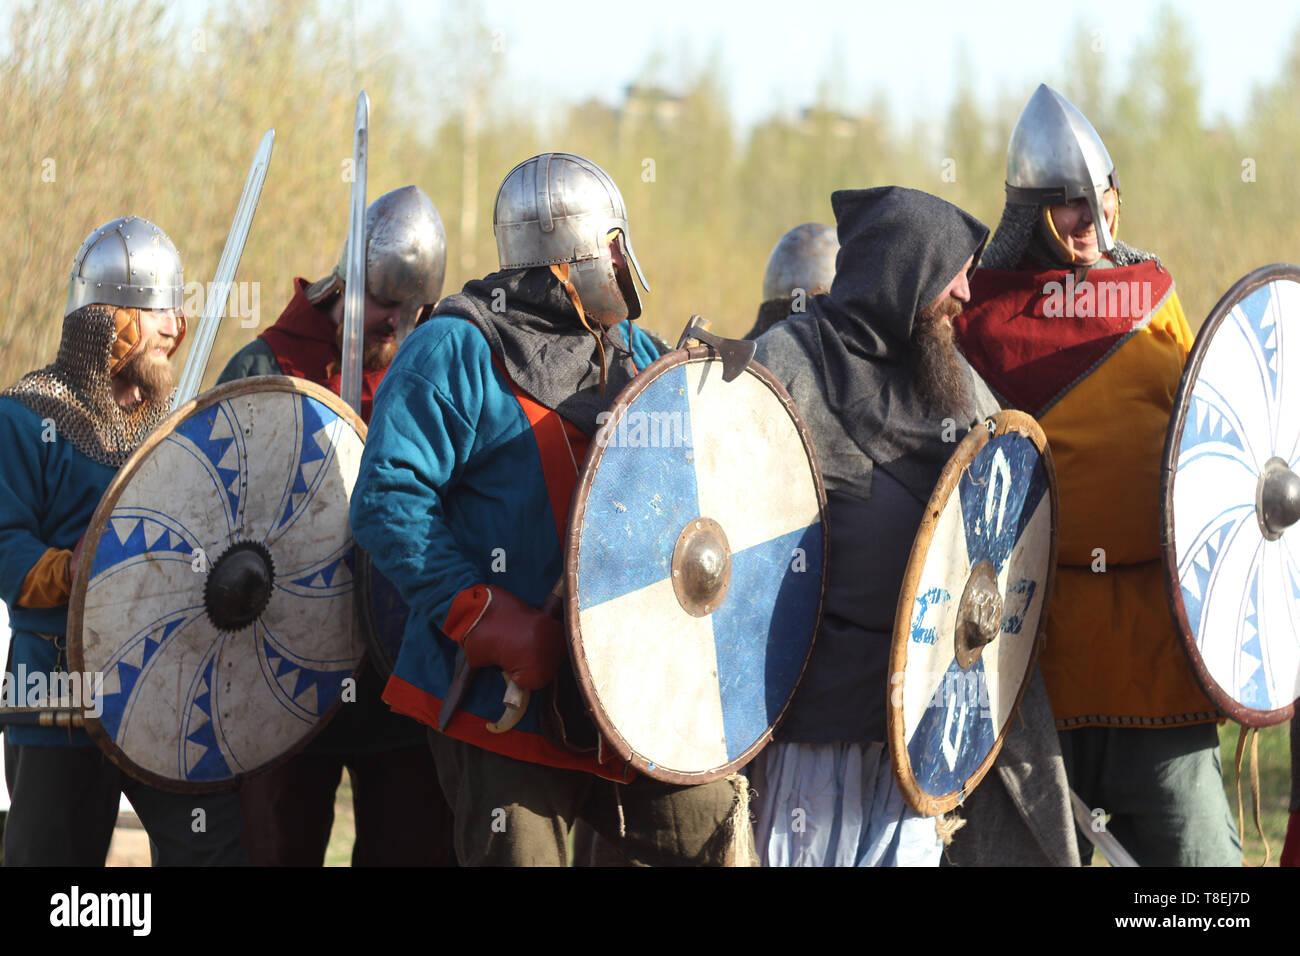 Group of slav warriors in reenactment battle rehearsal training - Stock Image